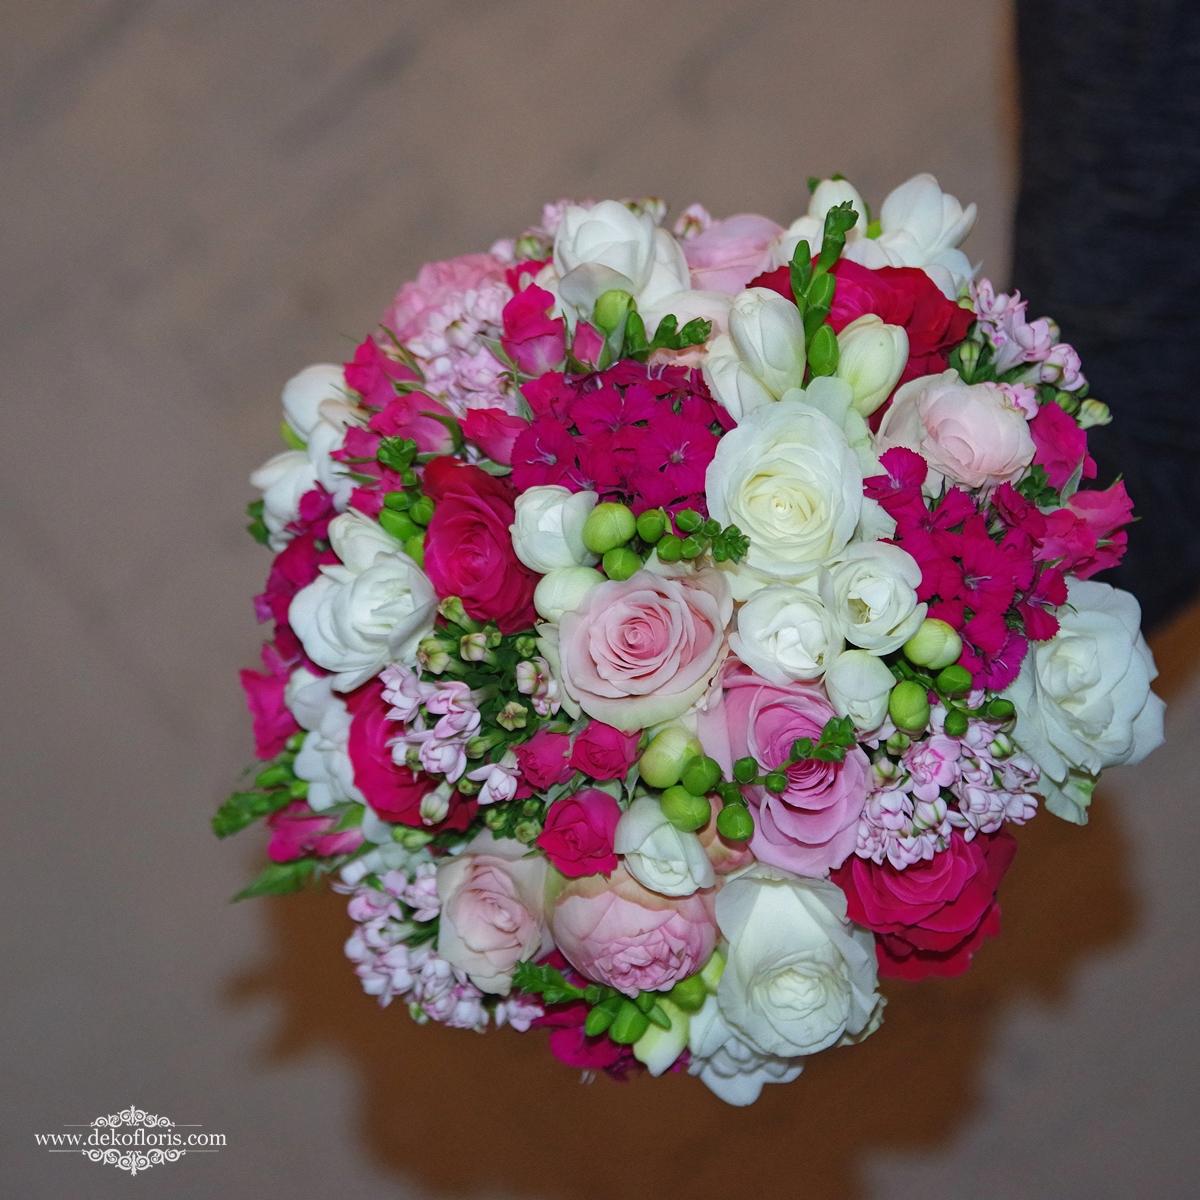 Bukiet ślubny Panny Młodej -kwiaty białe, różowe i fuksja | opolskie